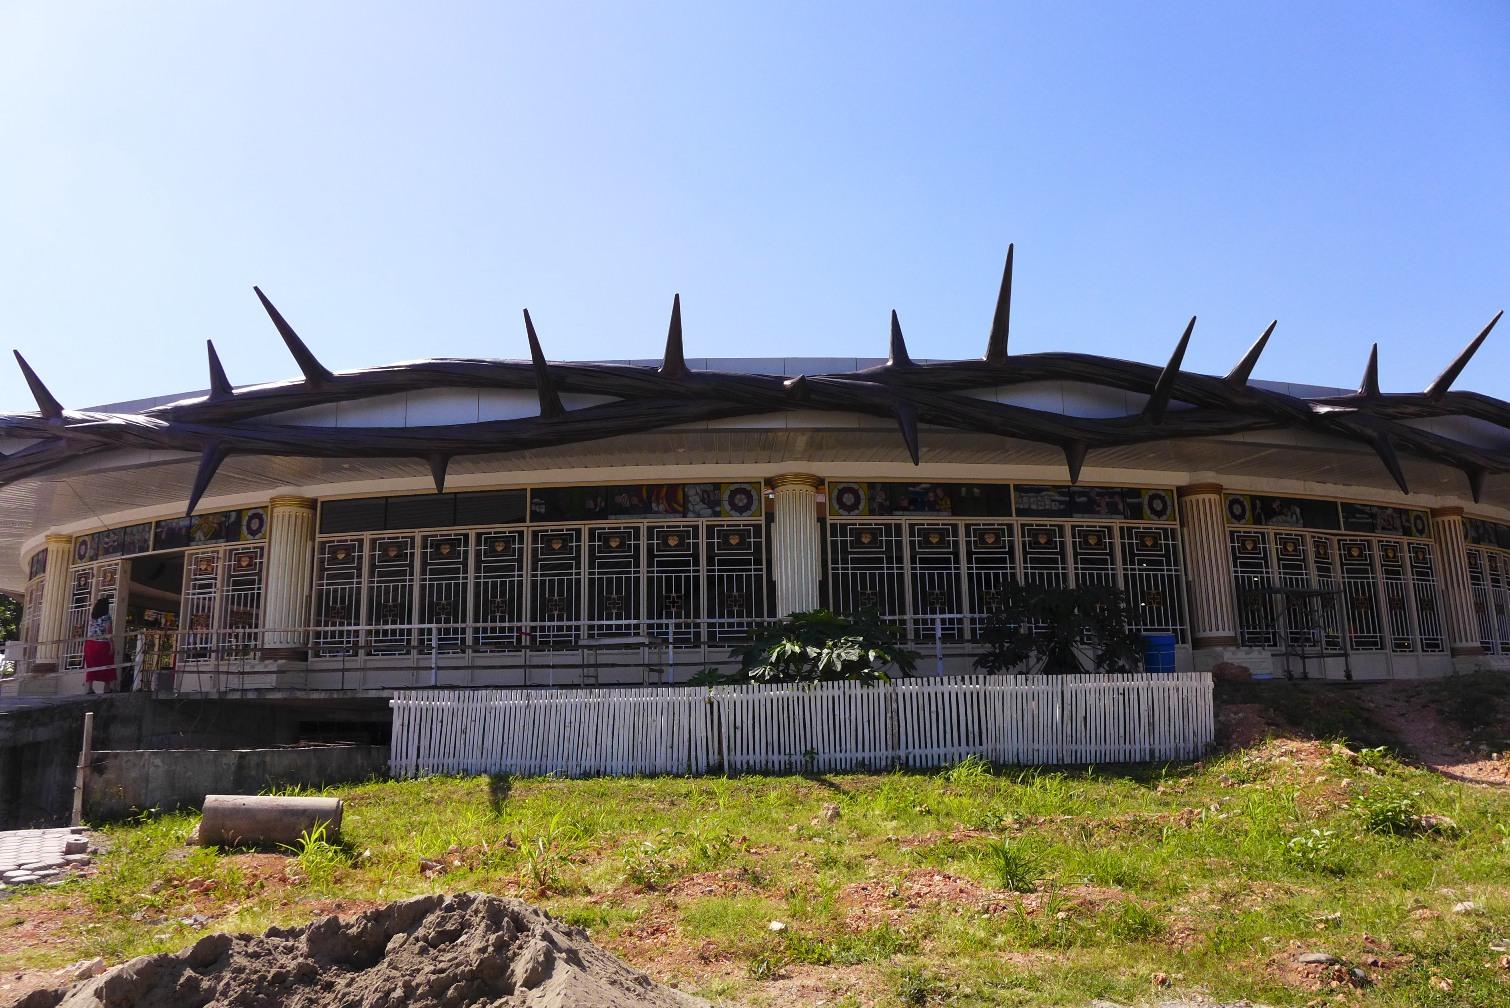 Divine Mercy Shrine; D.I.Y. Cagayan de Oro; Cagayan de Oro itinerary; Cagayan de Oro activities; What to do in Cagayan de Oro; Cagayan de Oro travel blog